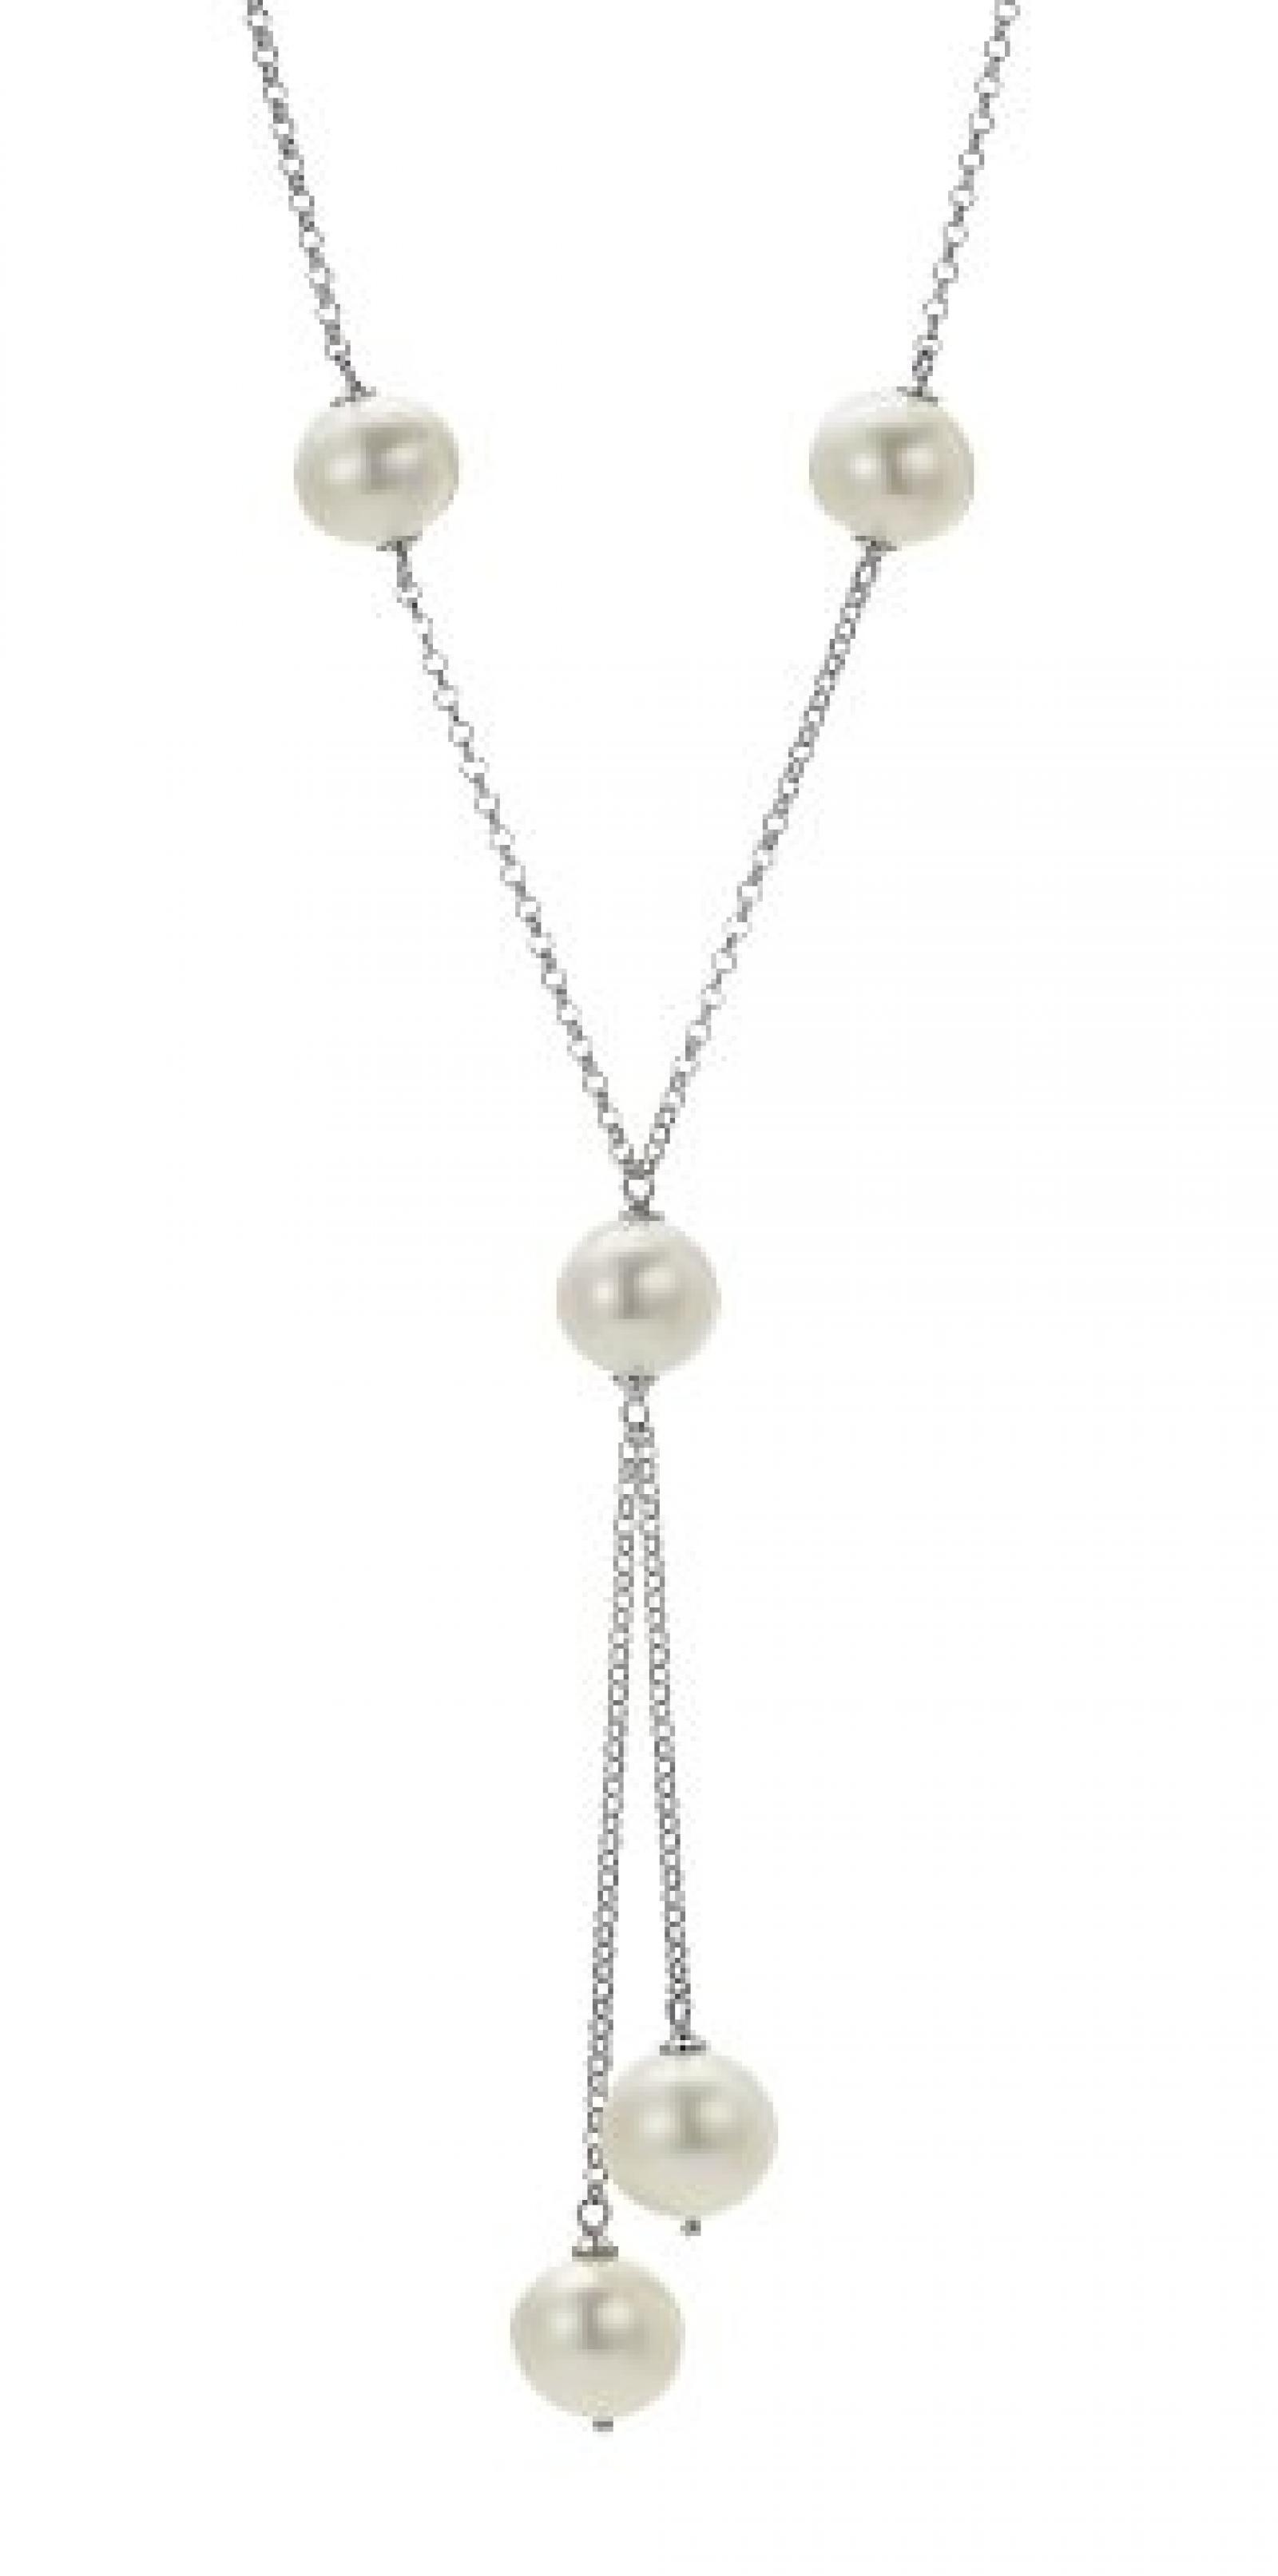 Adriana Damen-Halskette ohne Anhänger Süßwasser Zuchtperlen 925 Sterling Silber A5